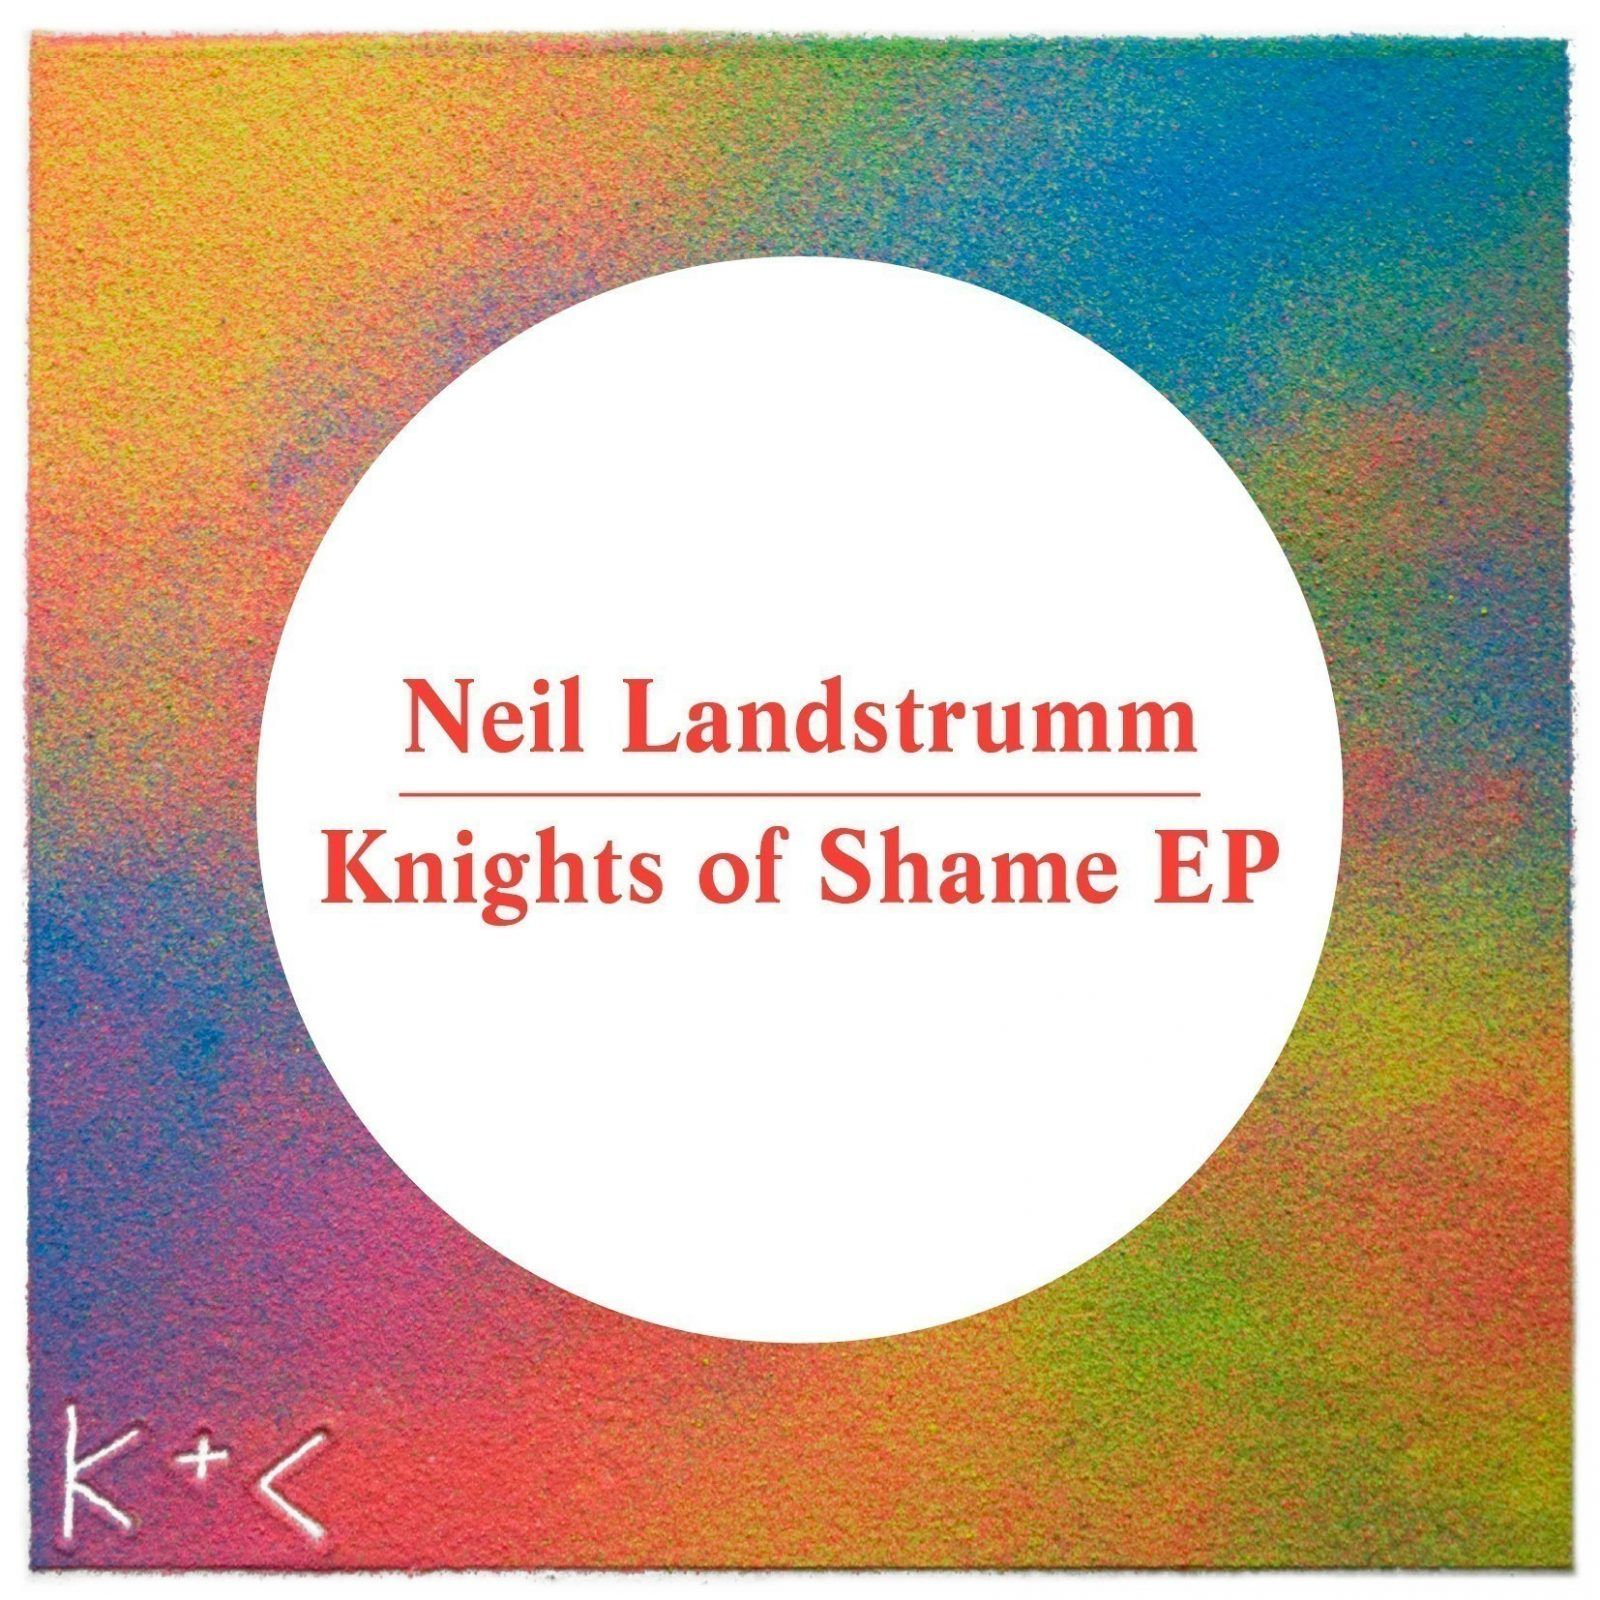 neil-landstrumm-knights-shame-ep-packshot.jpg